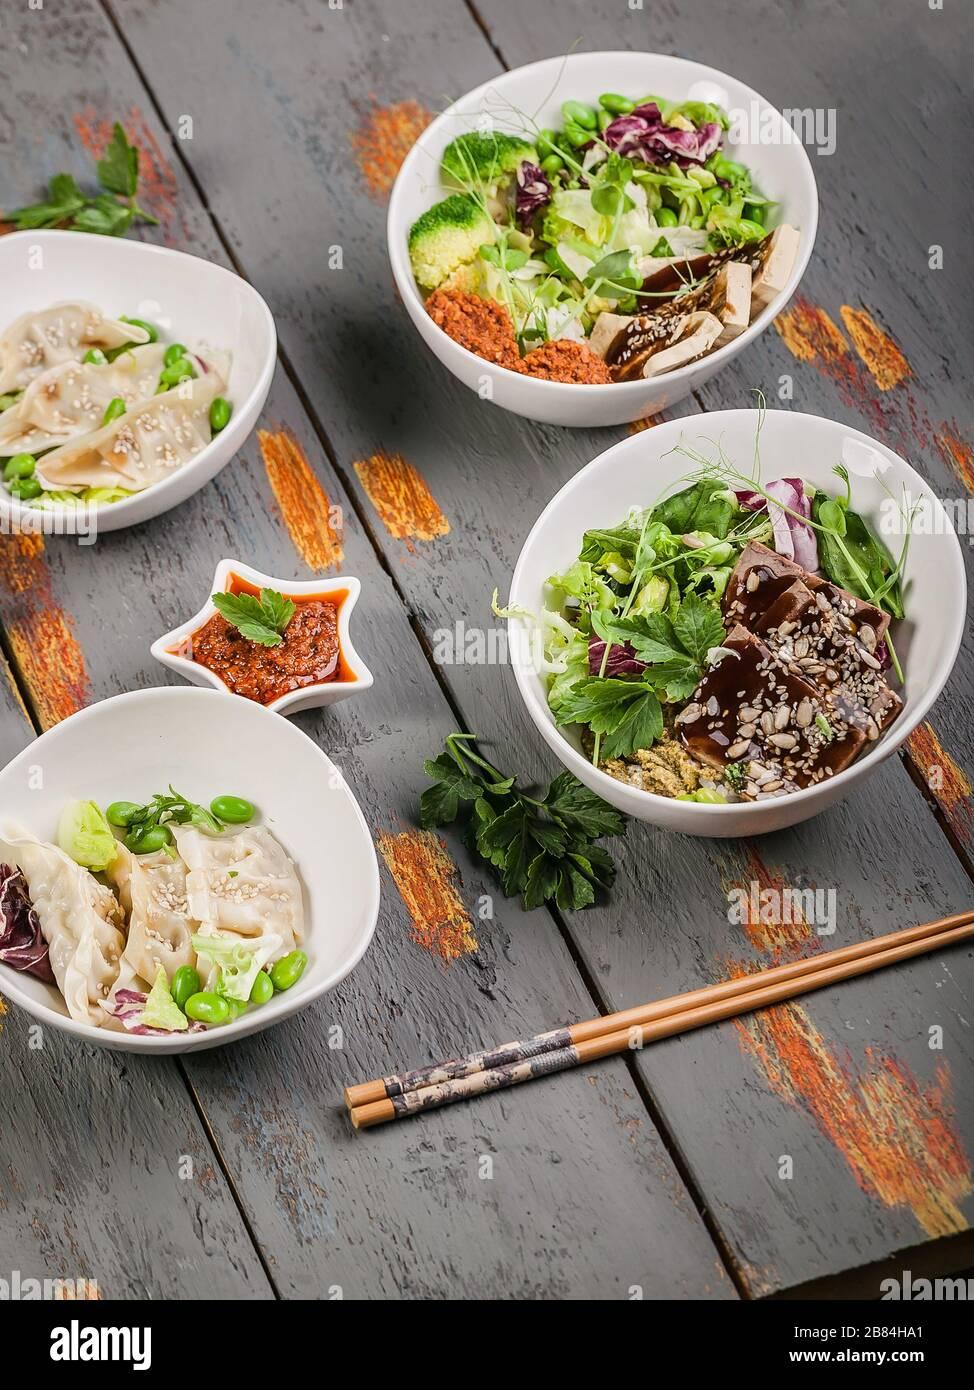 Boulettes de gyozu traditionnelles à injection verticale, légumes bouillis avec riz, porc et sauce épicée. Cuisine orientale Banque D'Images